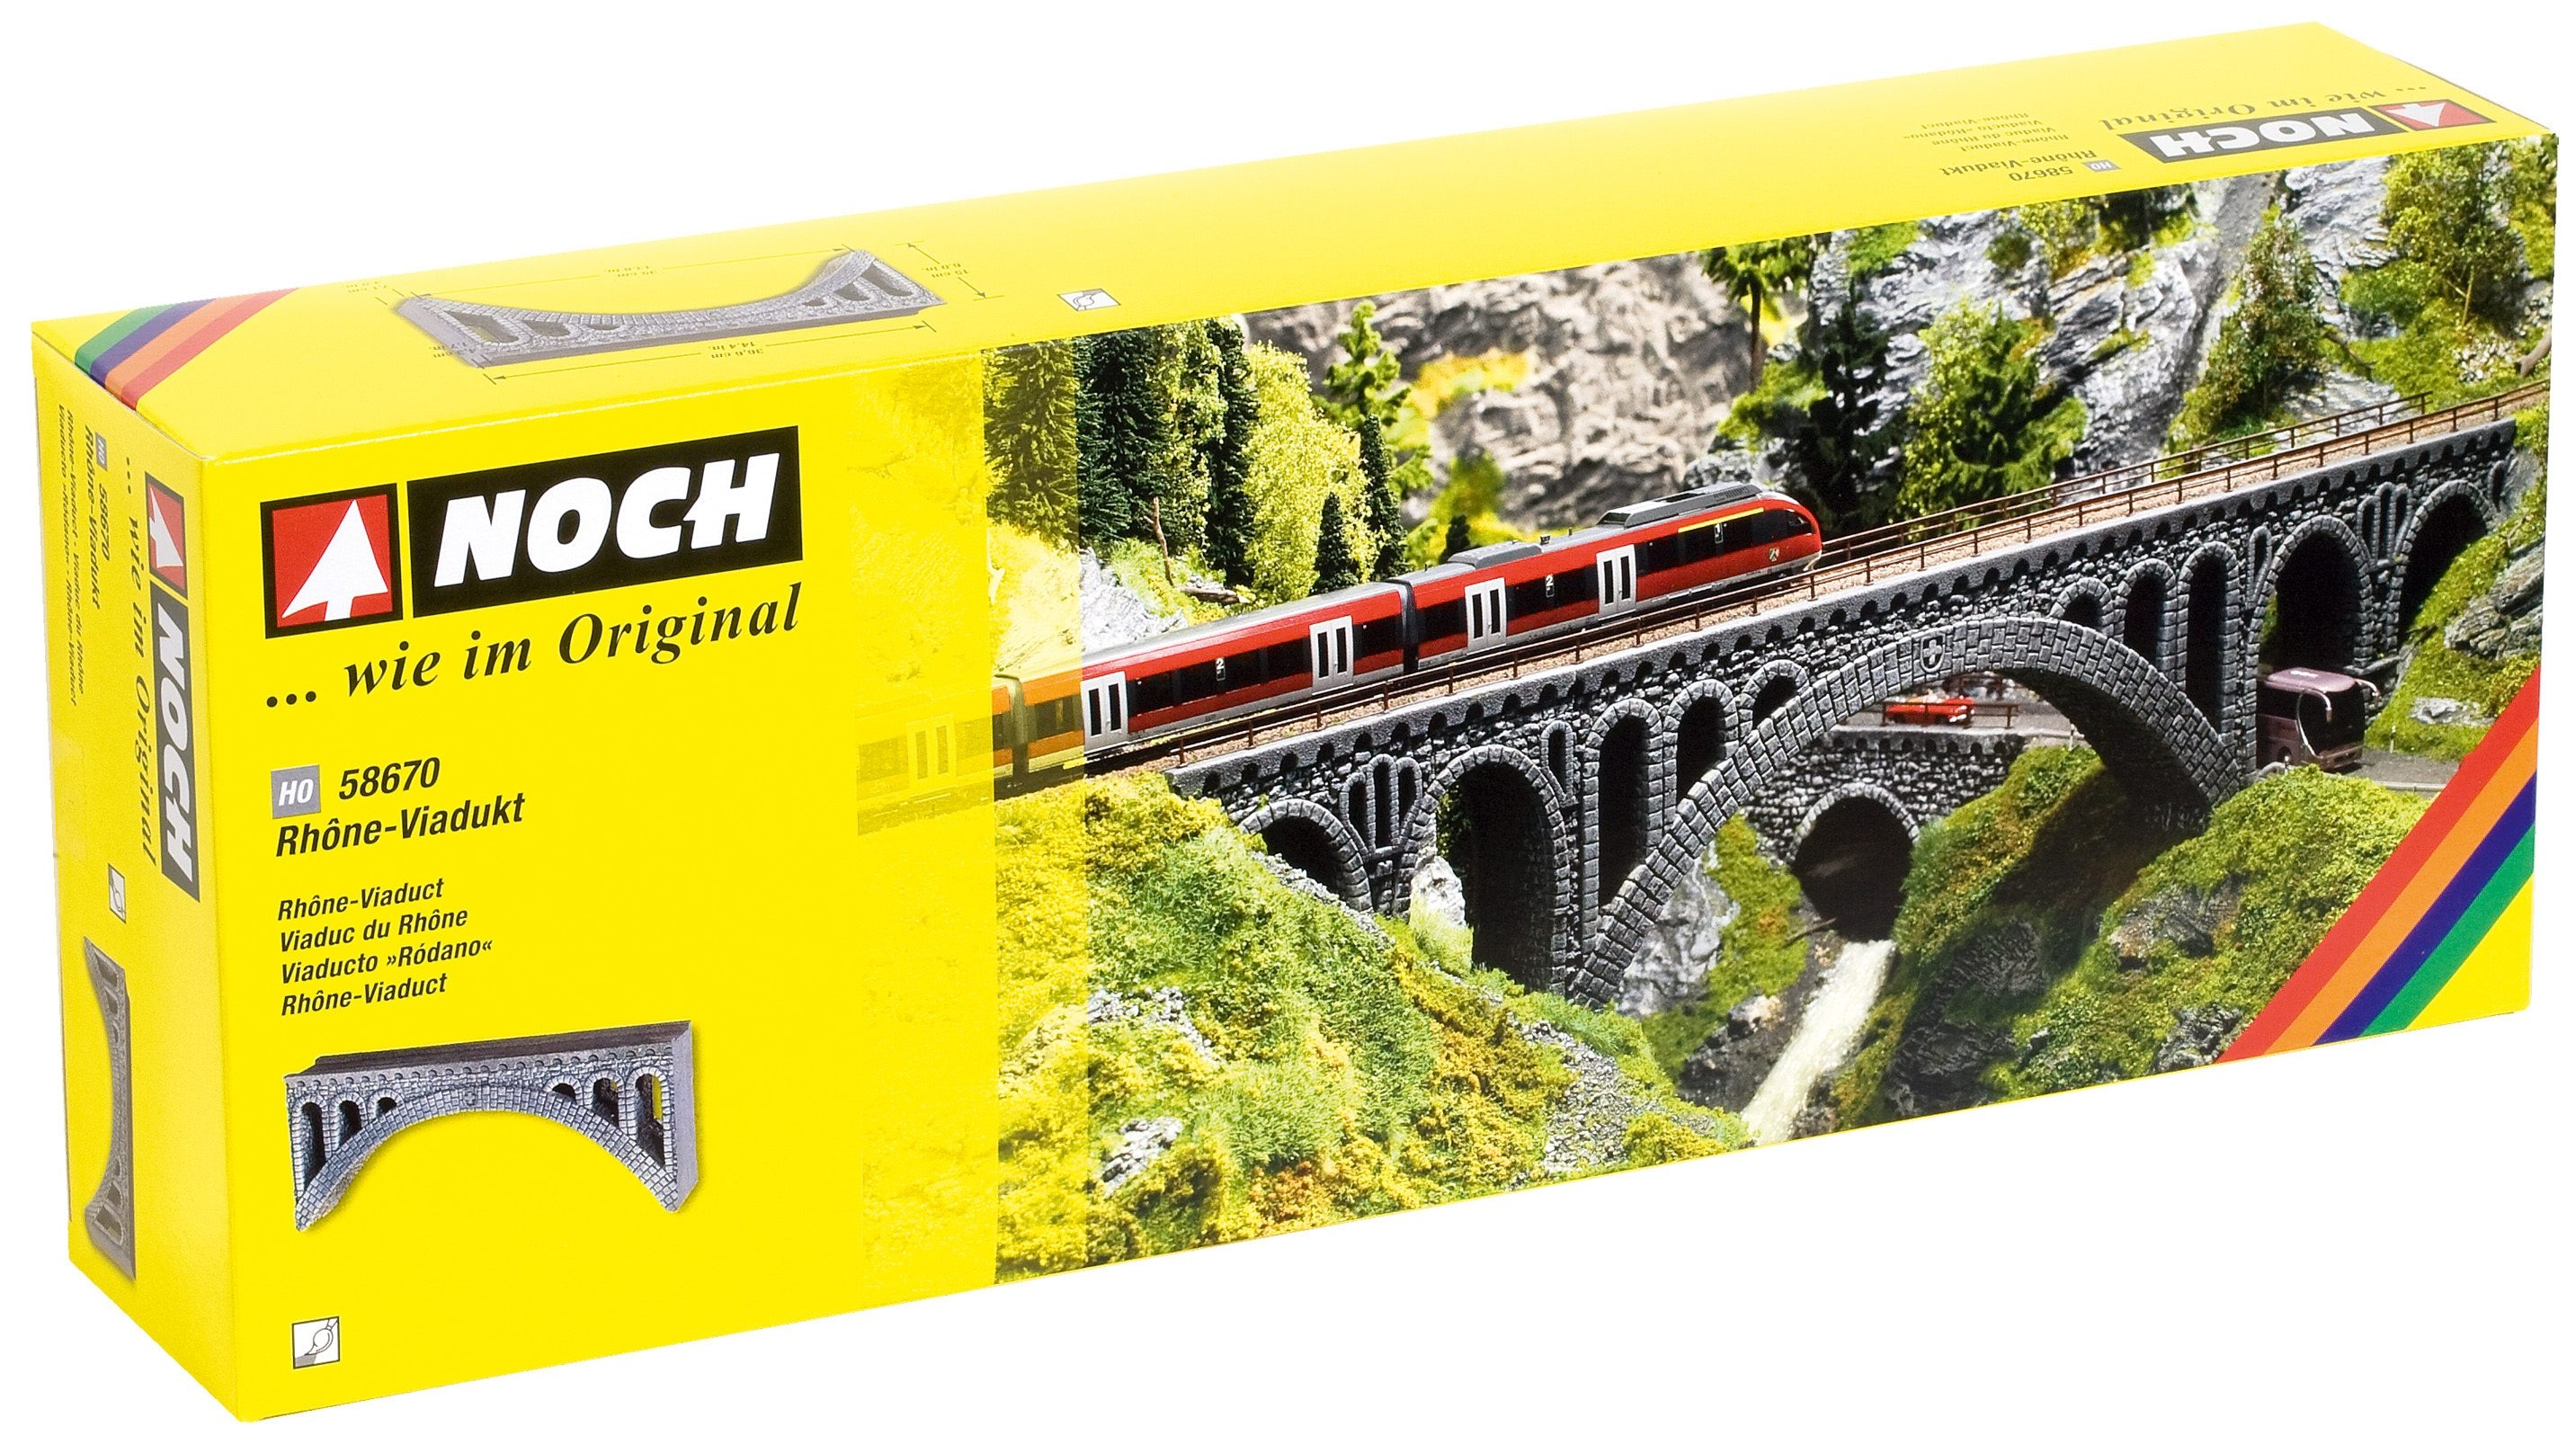 NOCH Modelleisenbahn-Zubehör, »Rhone-Viadukt« Spur H0